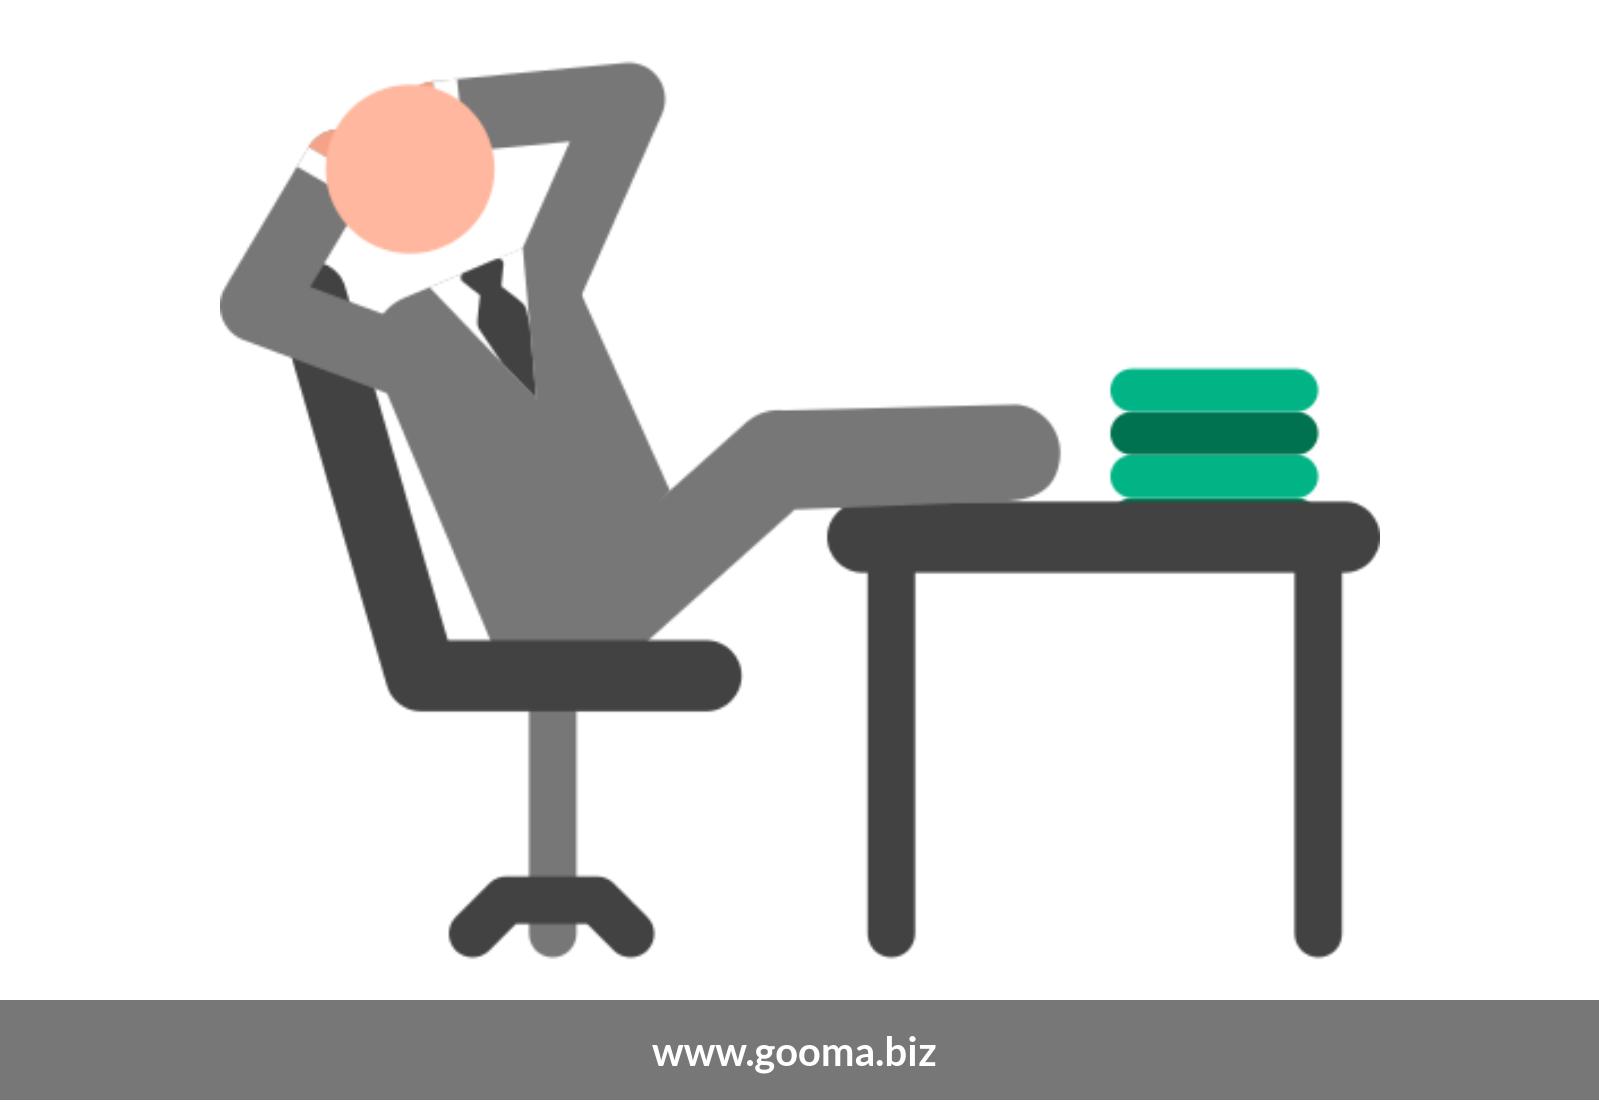 - Kako postupati sa zahtjevnim zaposlenicima